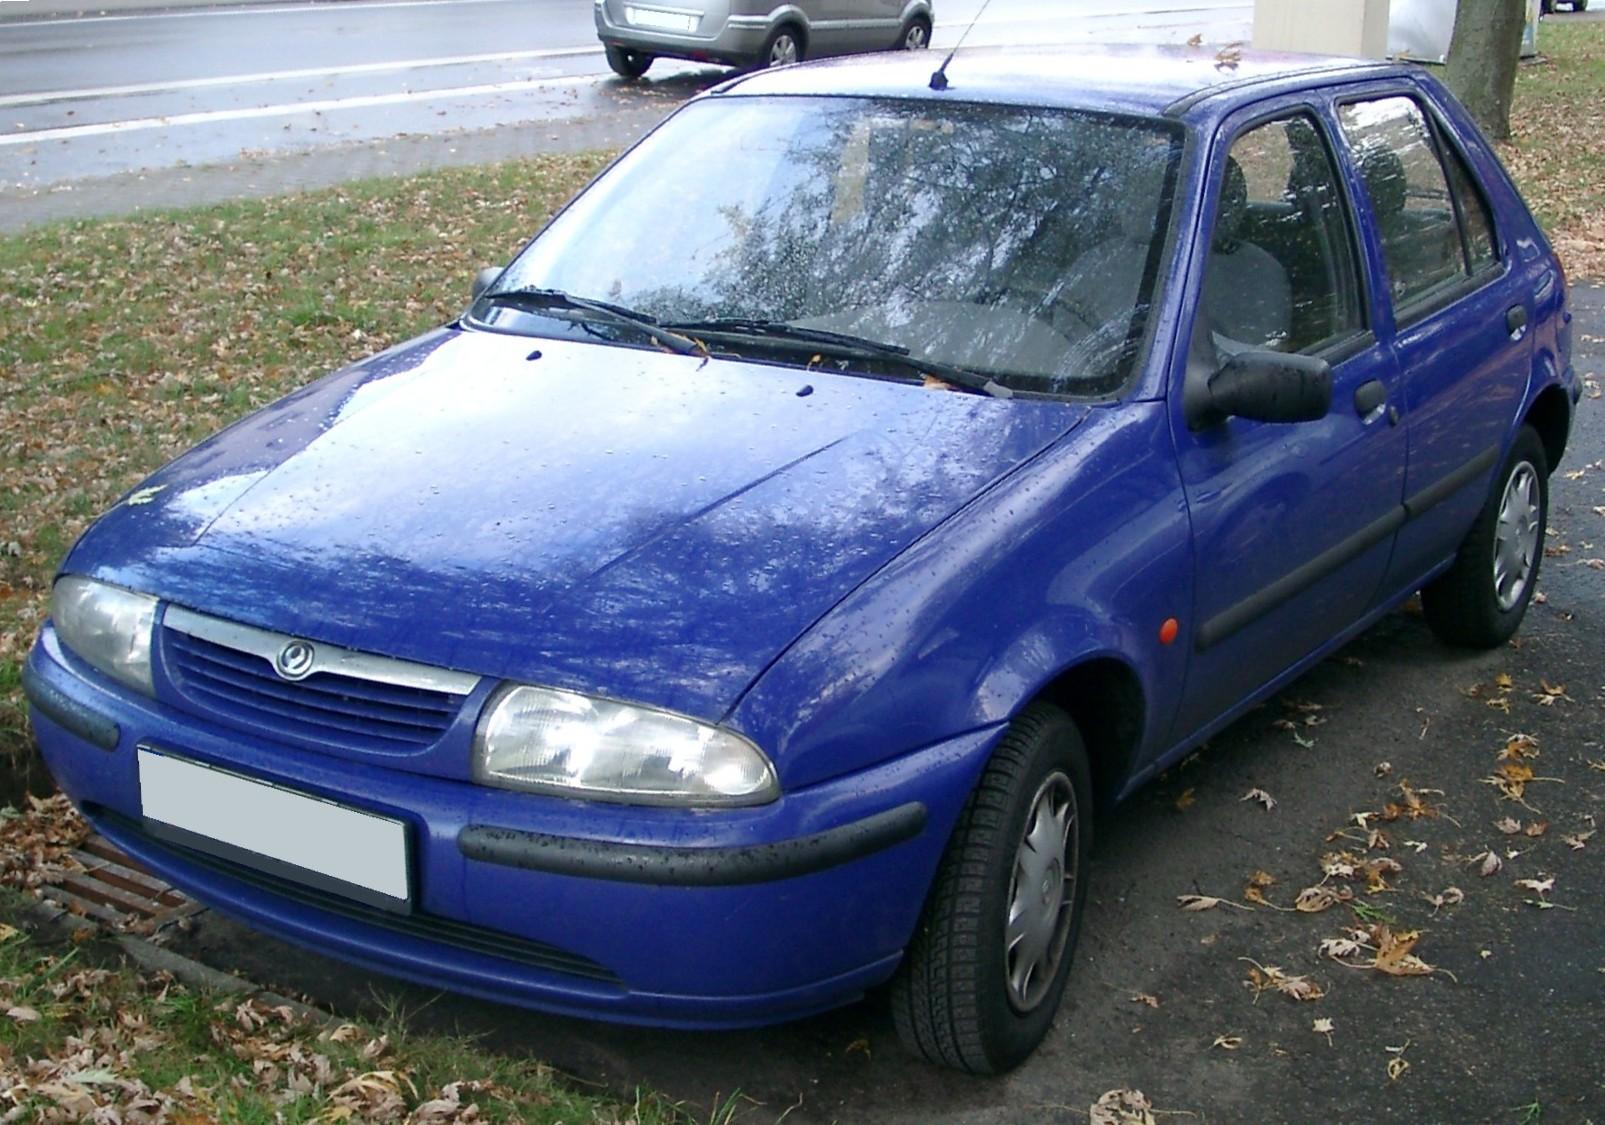 File:Mazda 121 front 20071019.jpg